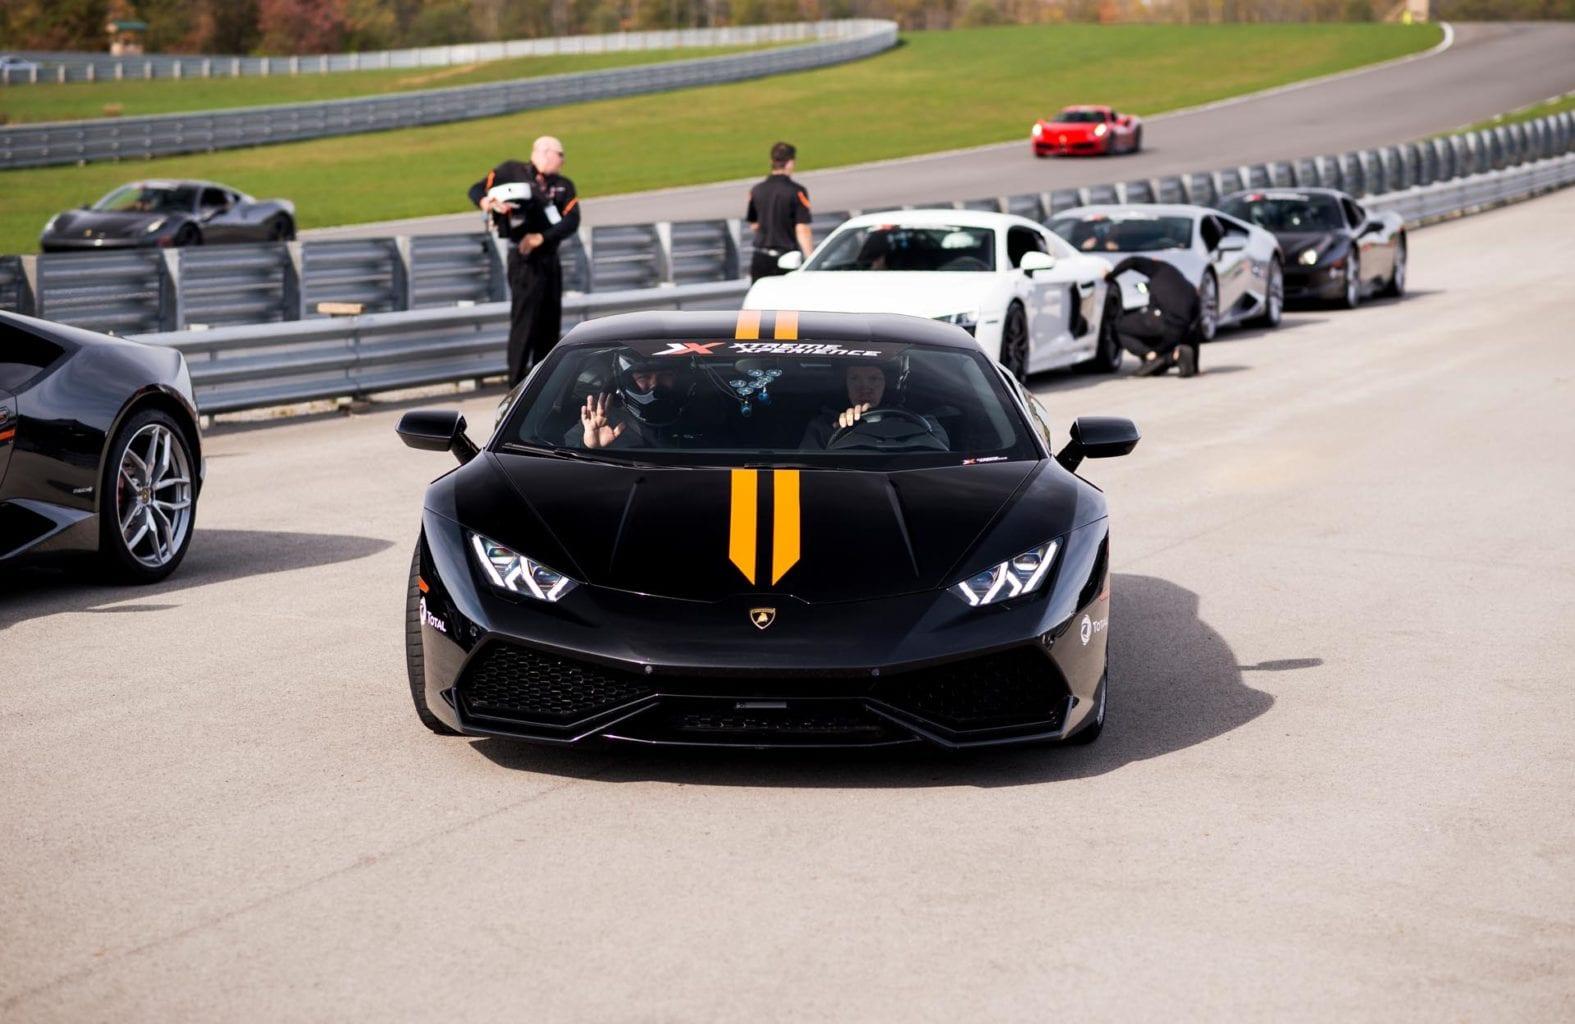 black racecar